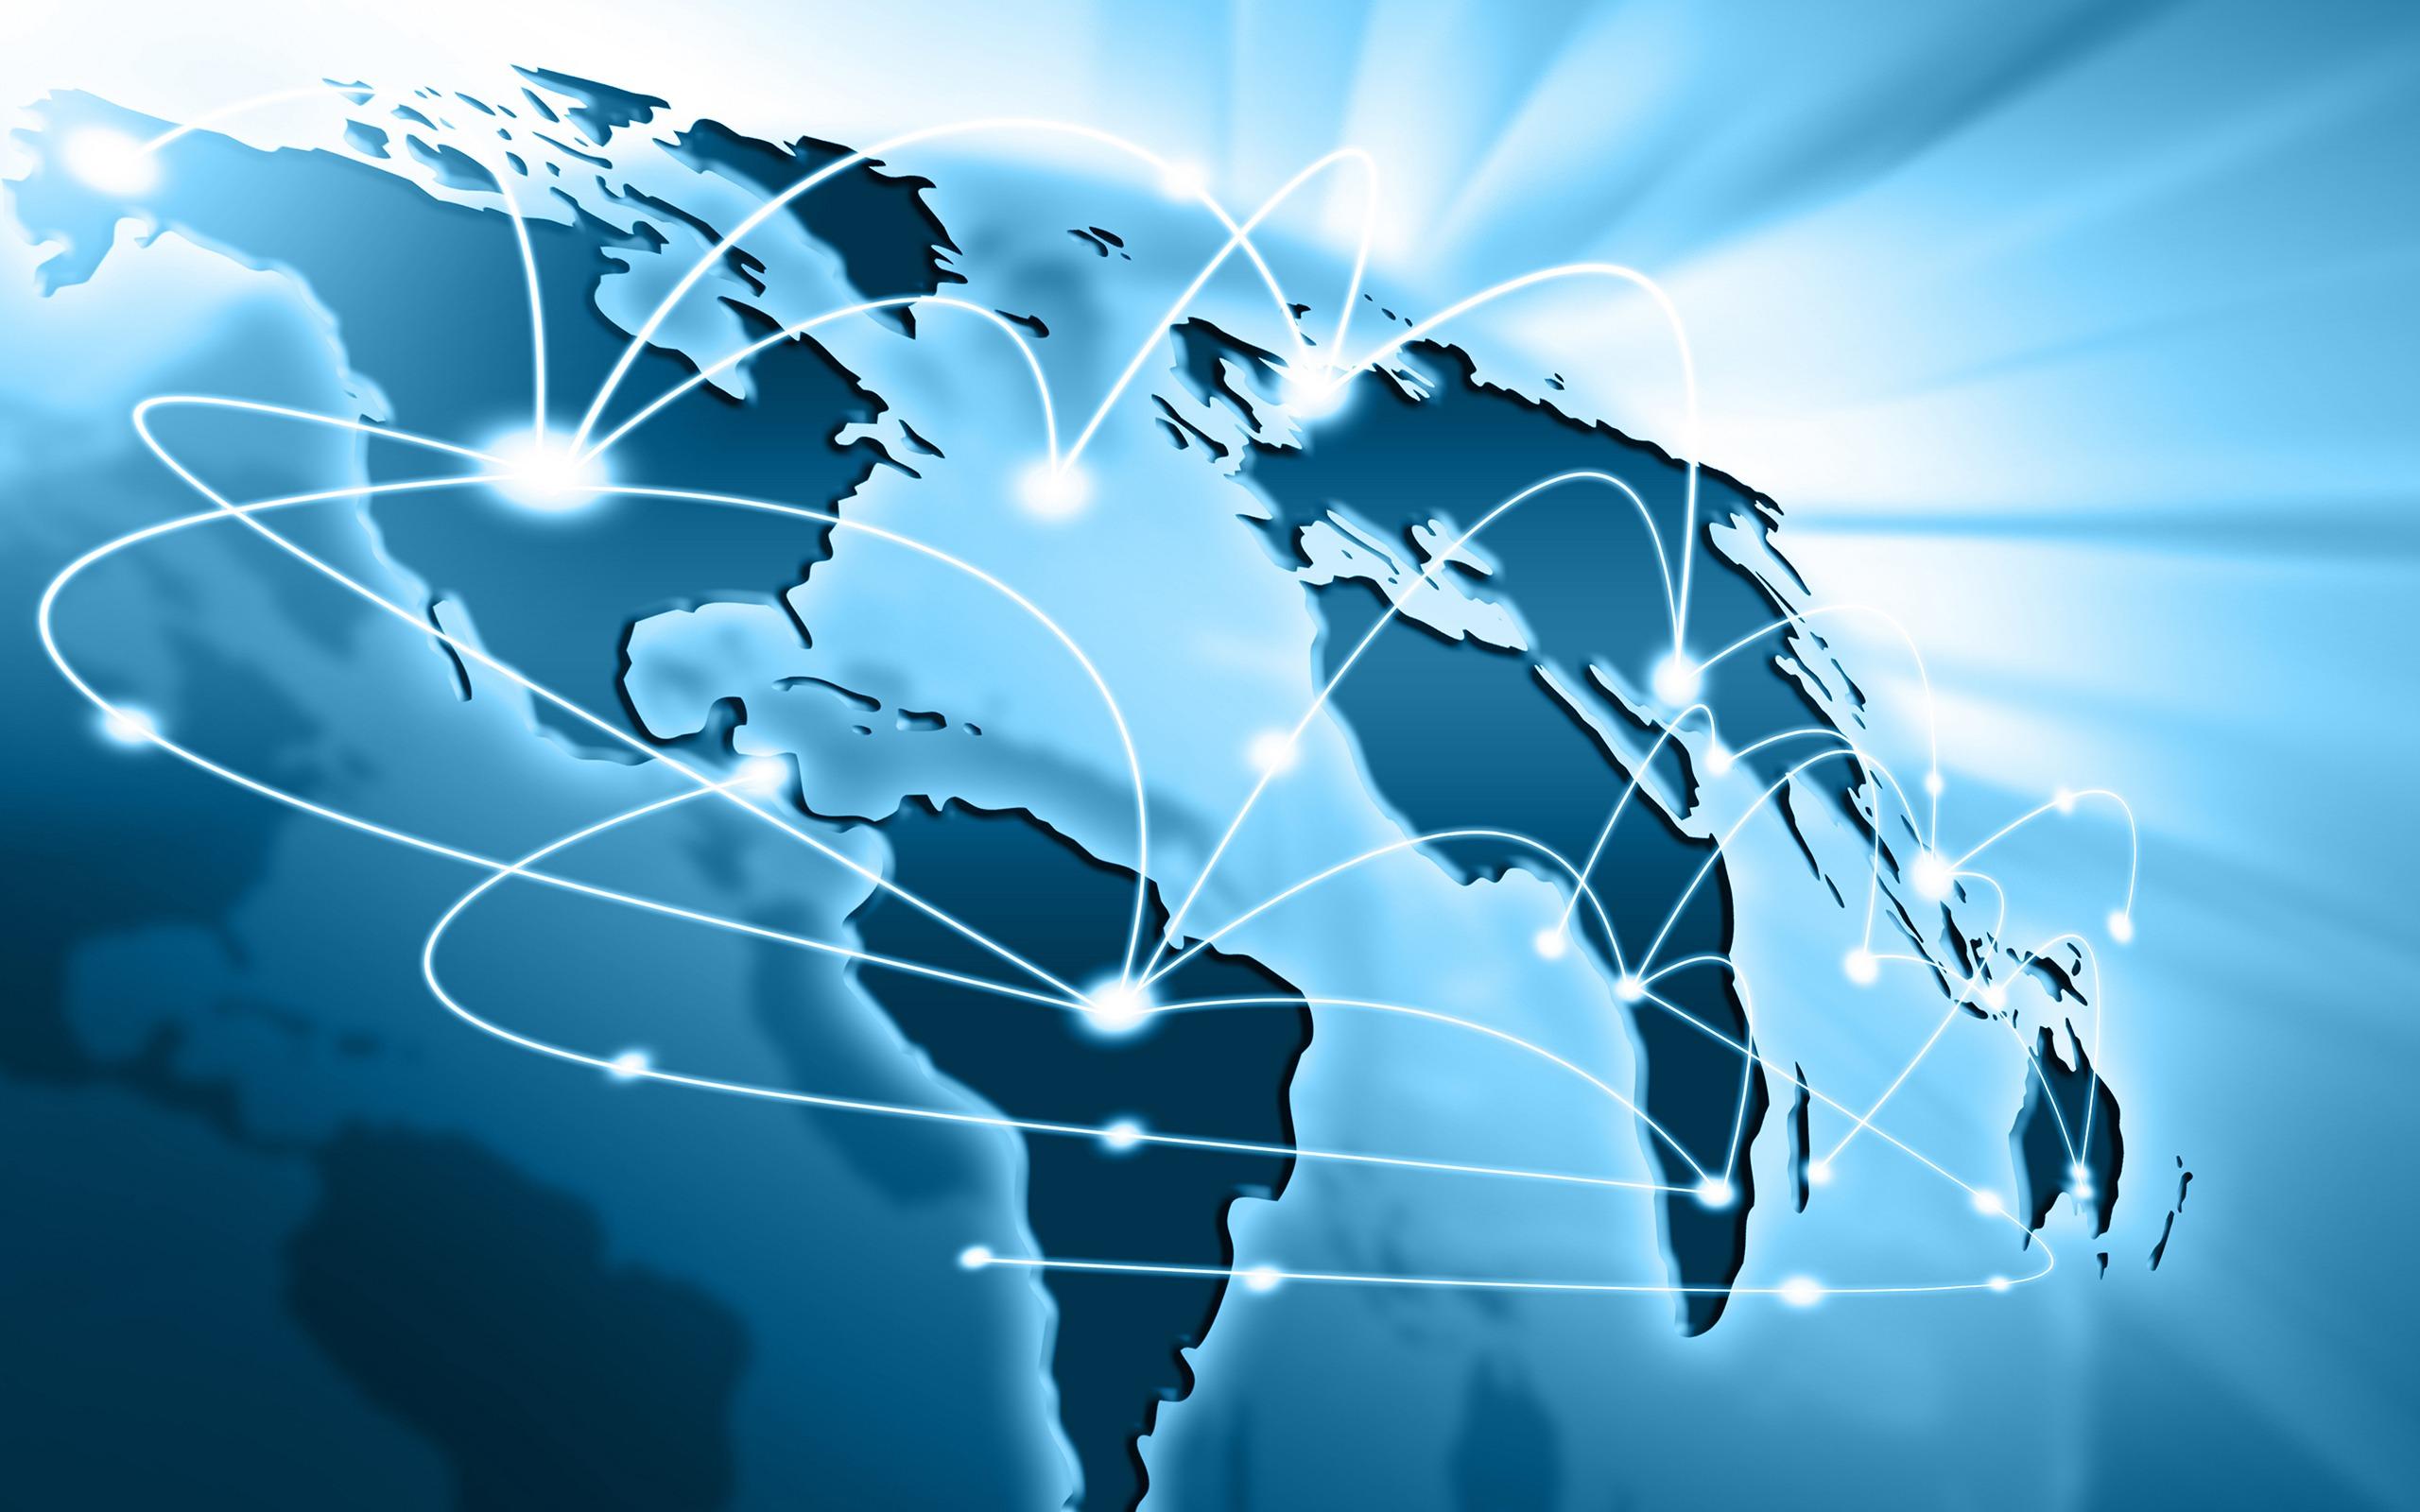 internet business technology hd wallpaper 07 preview | 10wallpaper